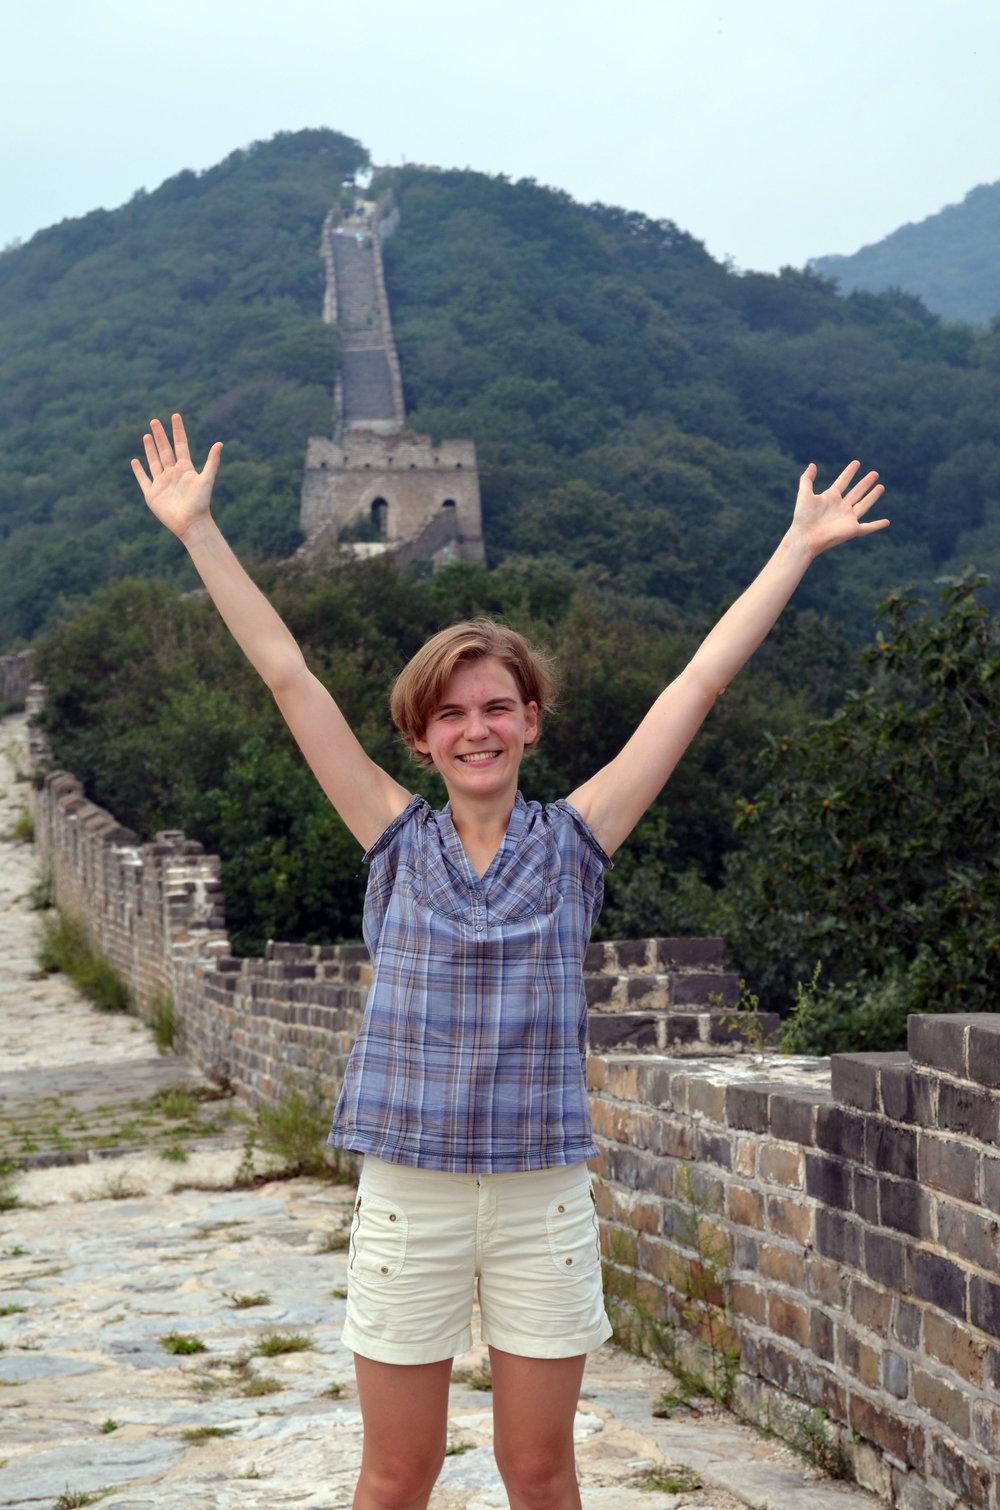 Alexandra Polyakova, Rays 2015, genomförde ett forskningsprojekt som tog henne till Kina.